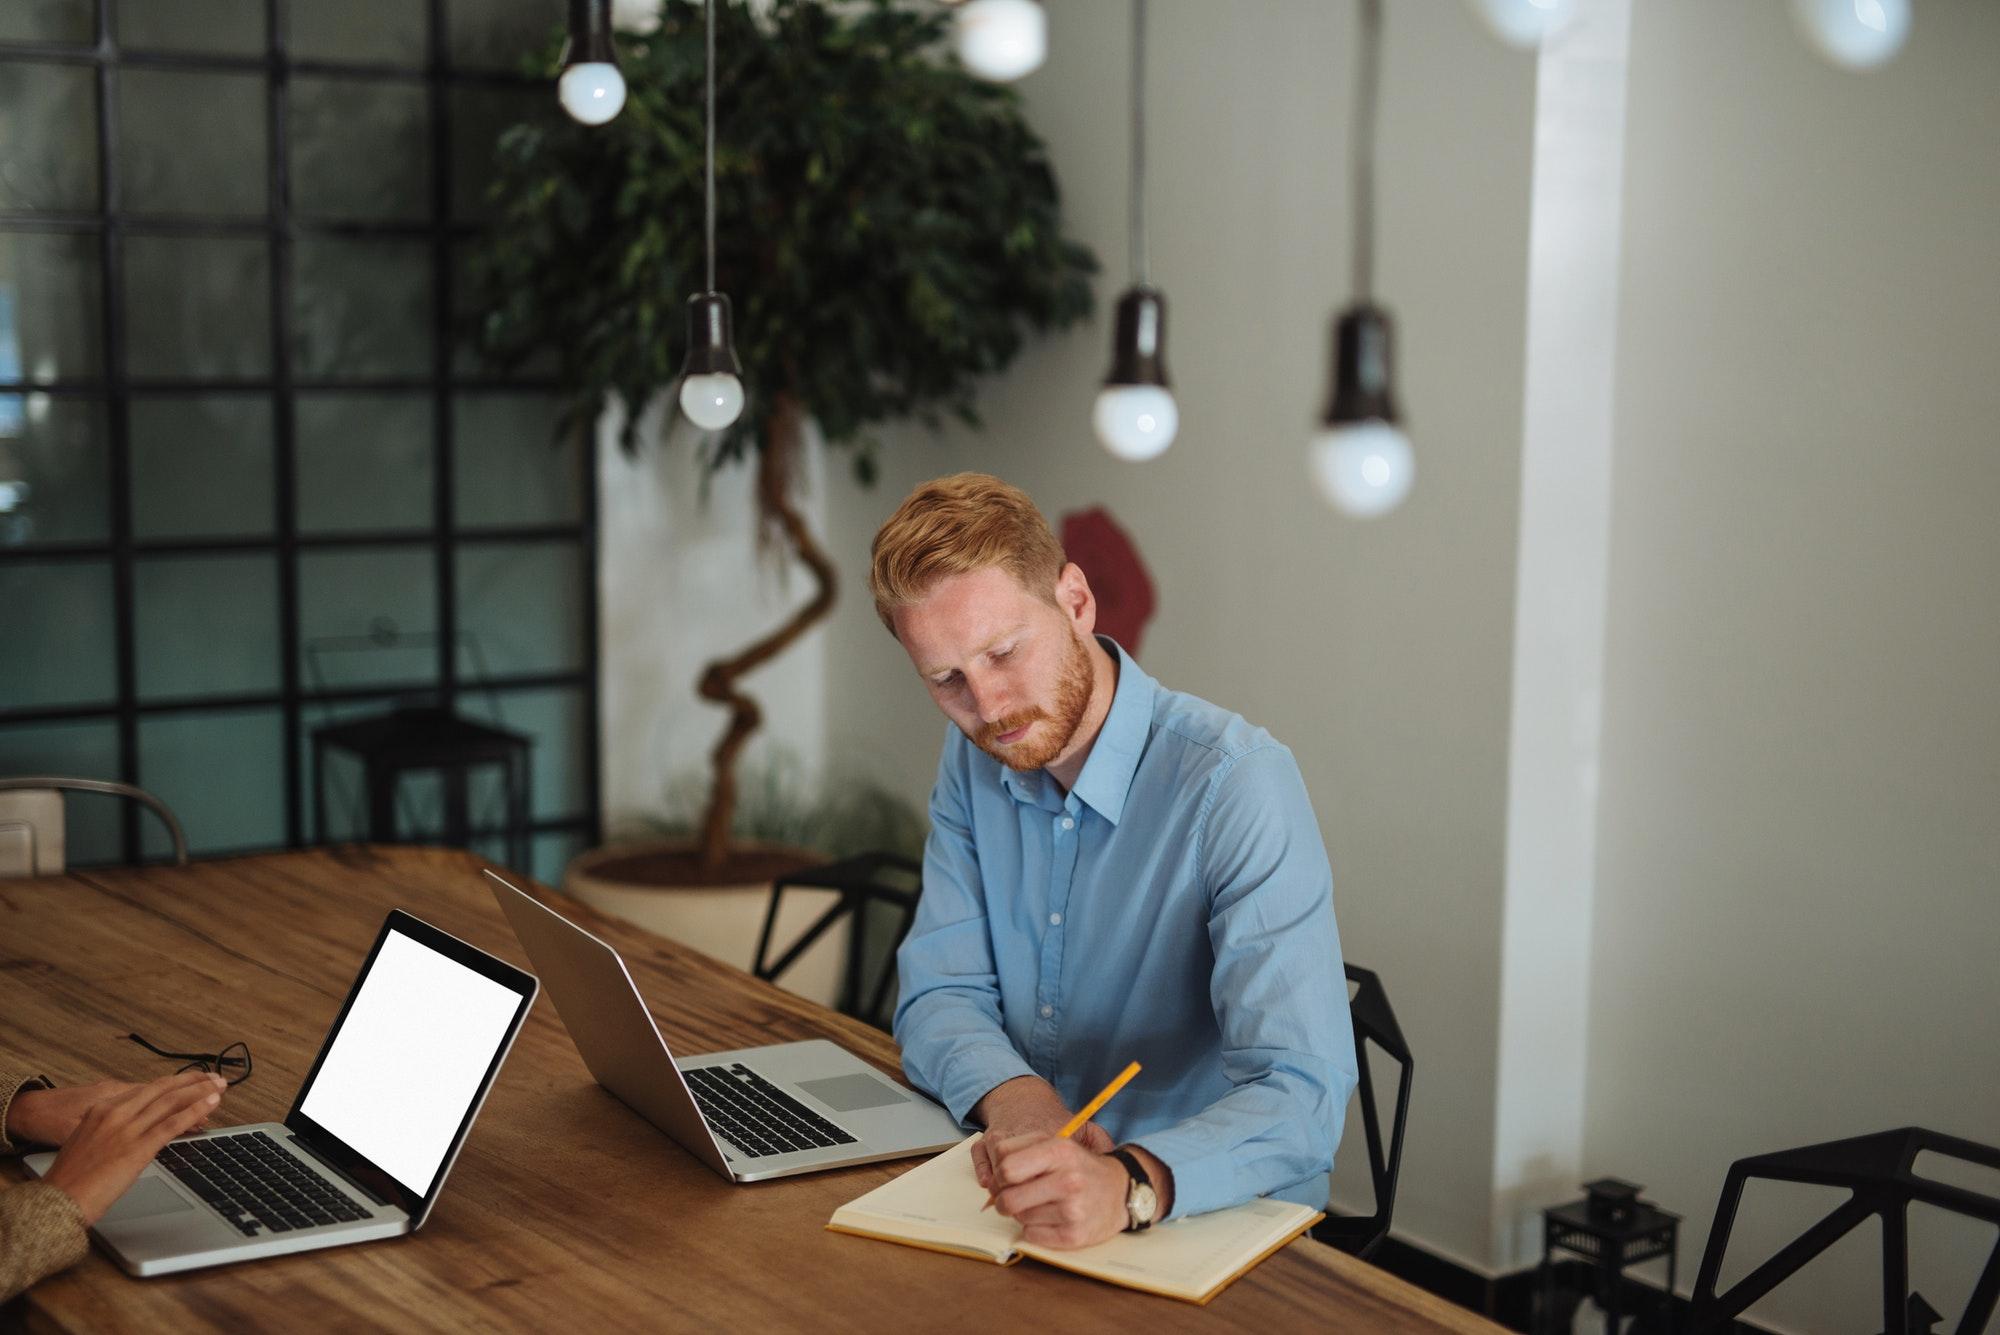 Ten Ways To Improve Writing Skills